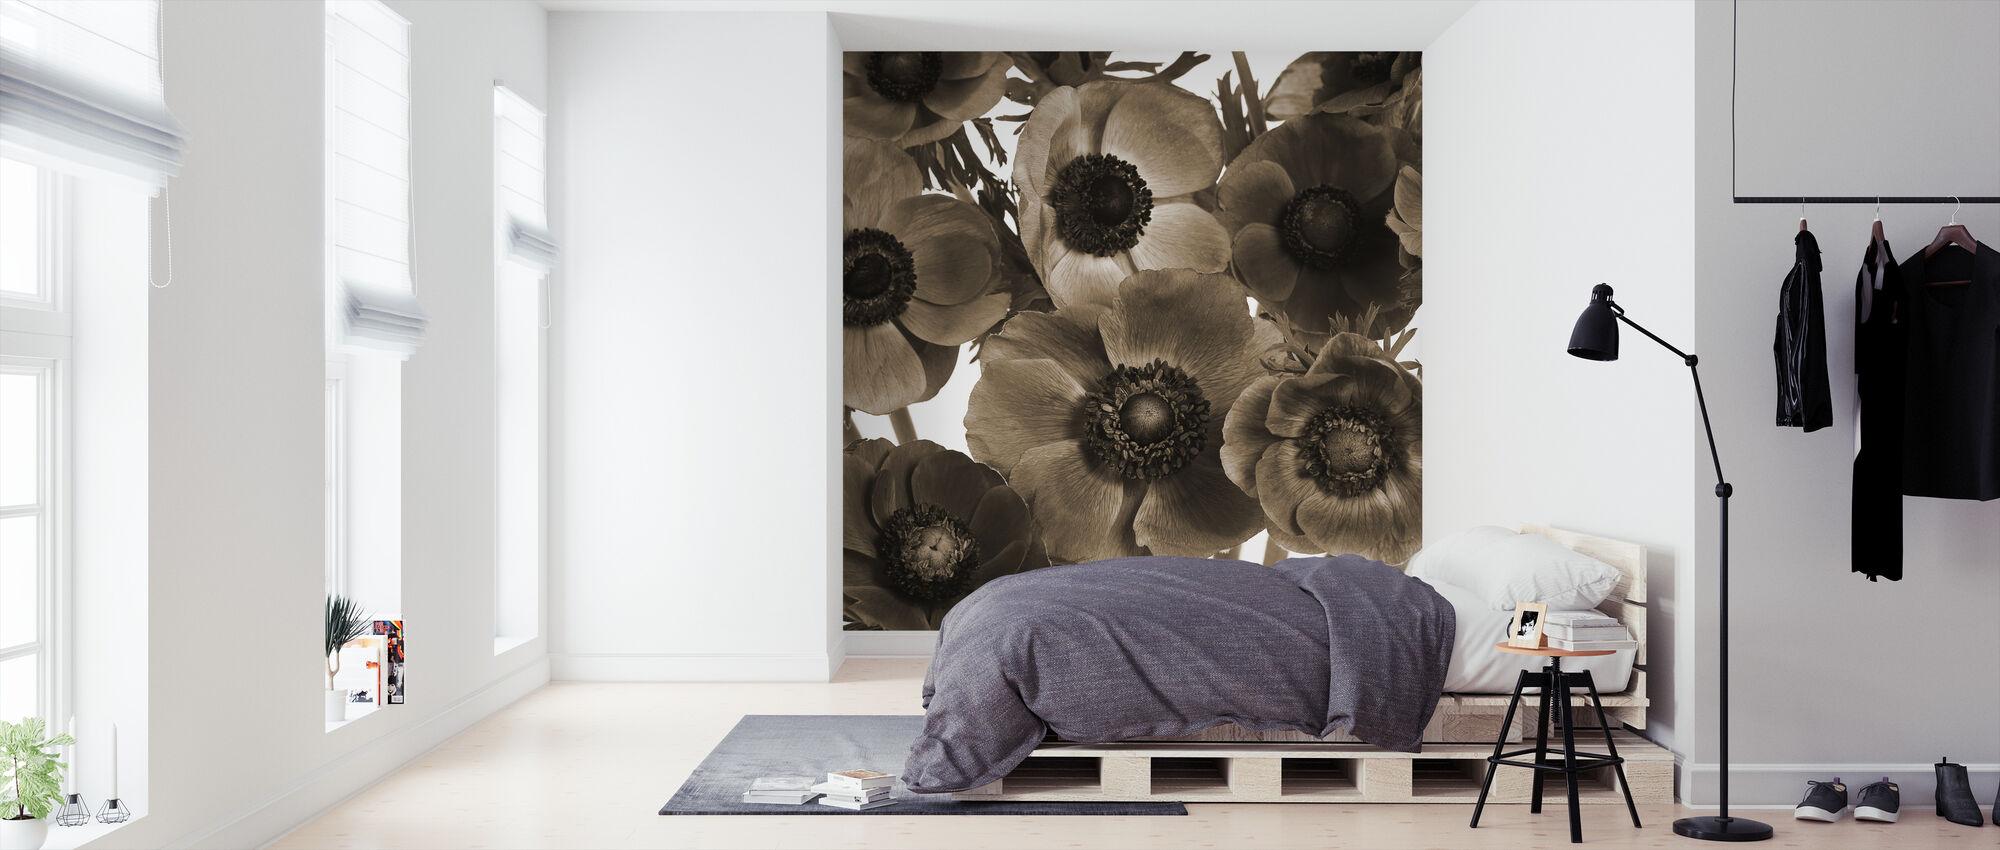 Anemones - Wallpaper - Bedroom